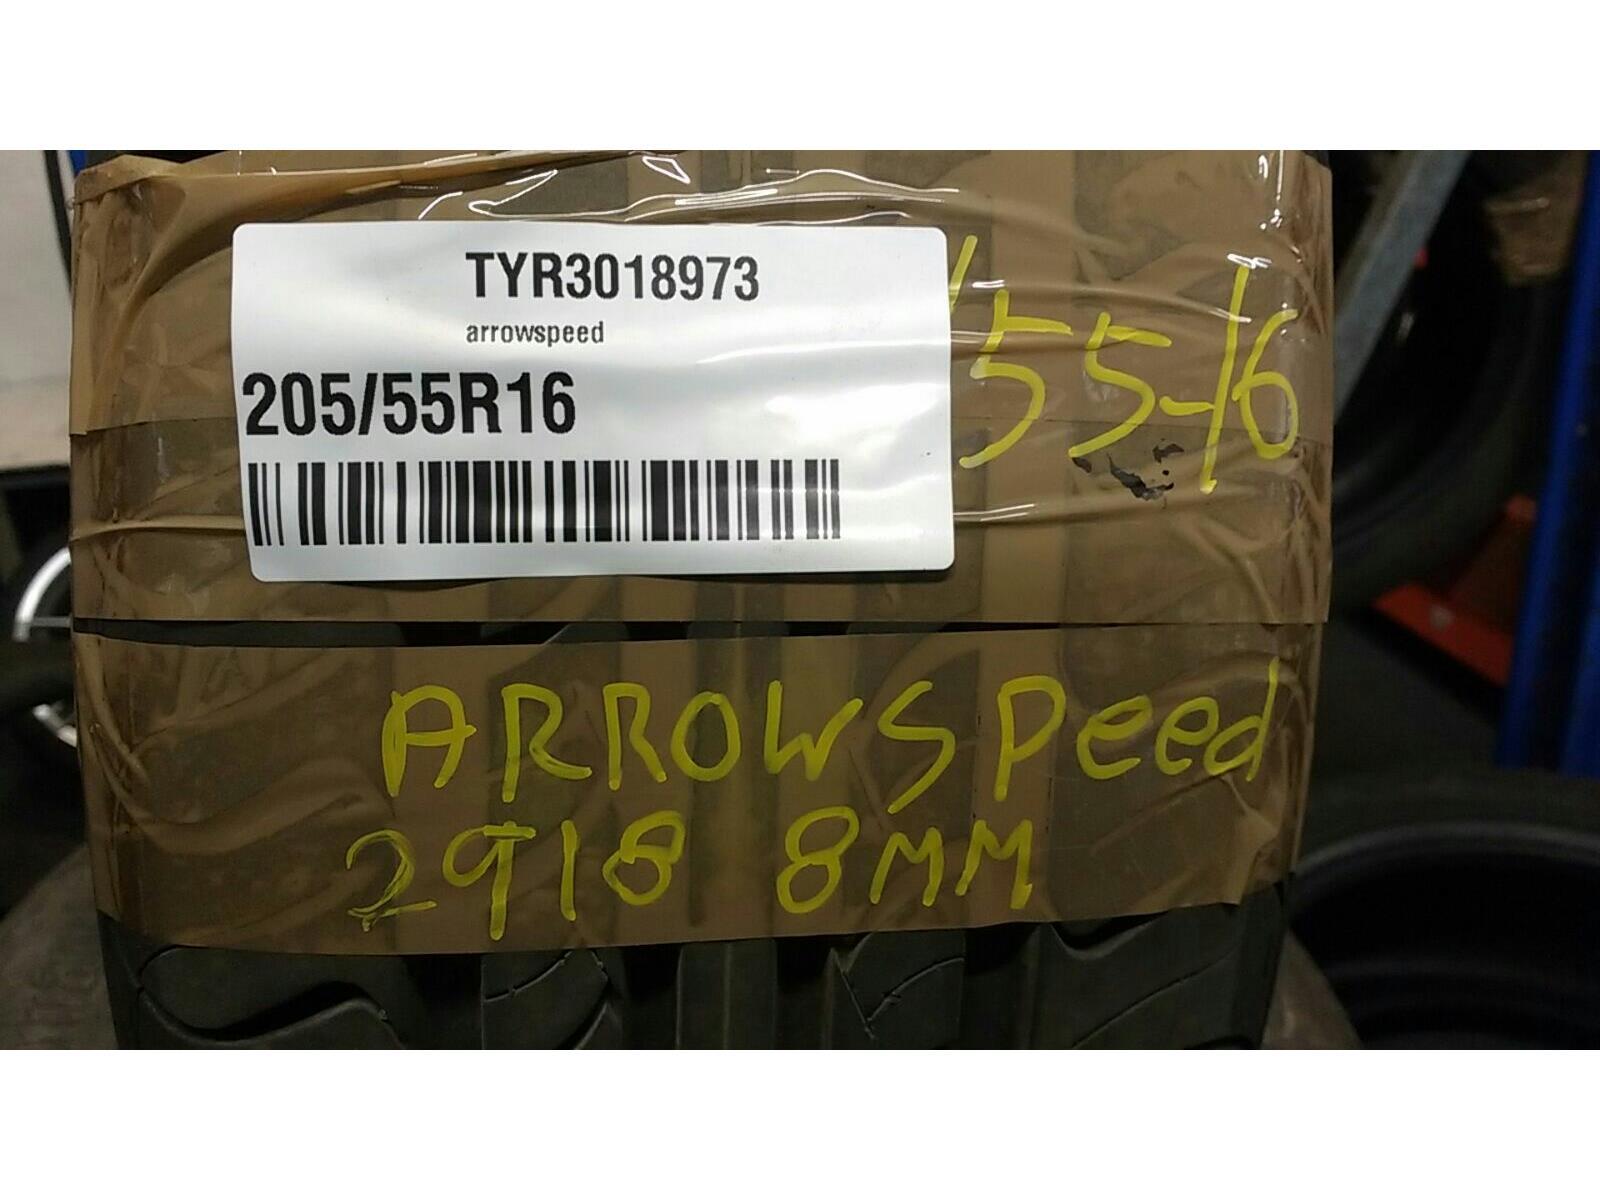 arrowspeed 205/55R16